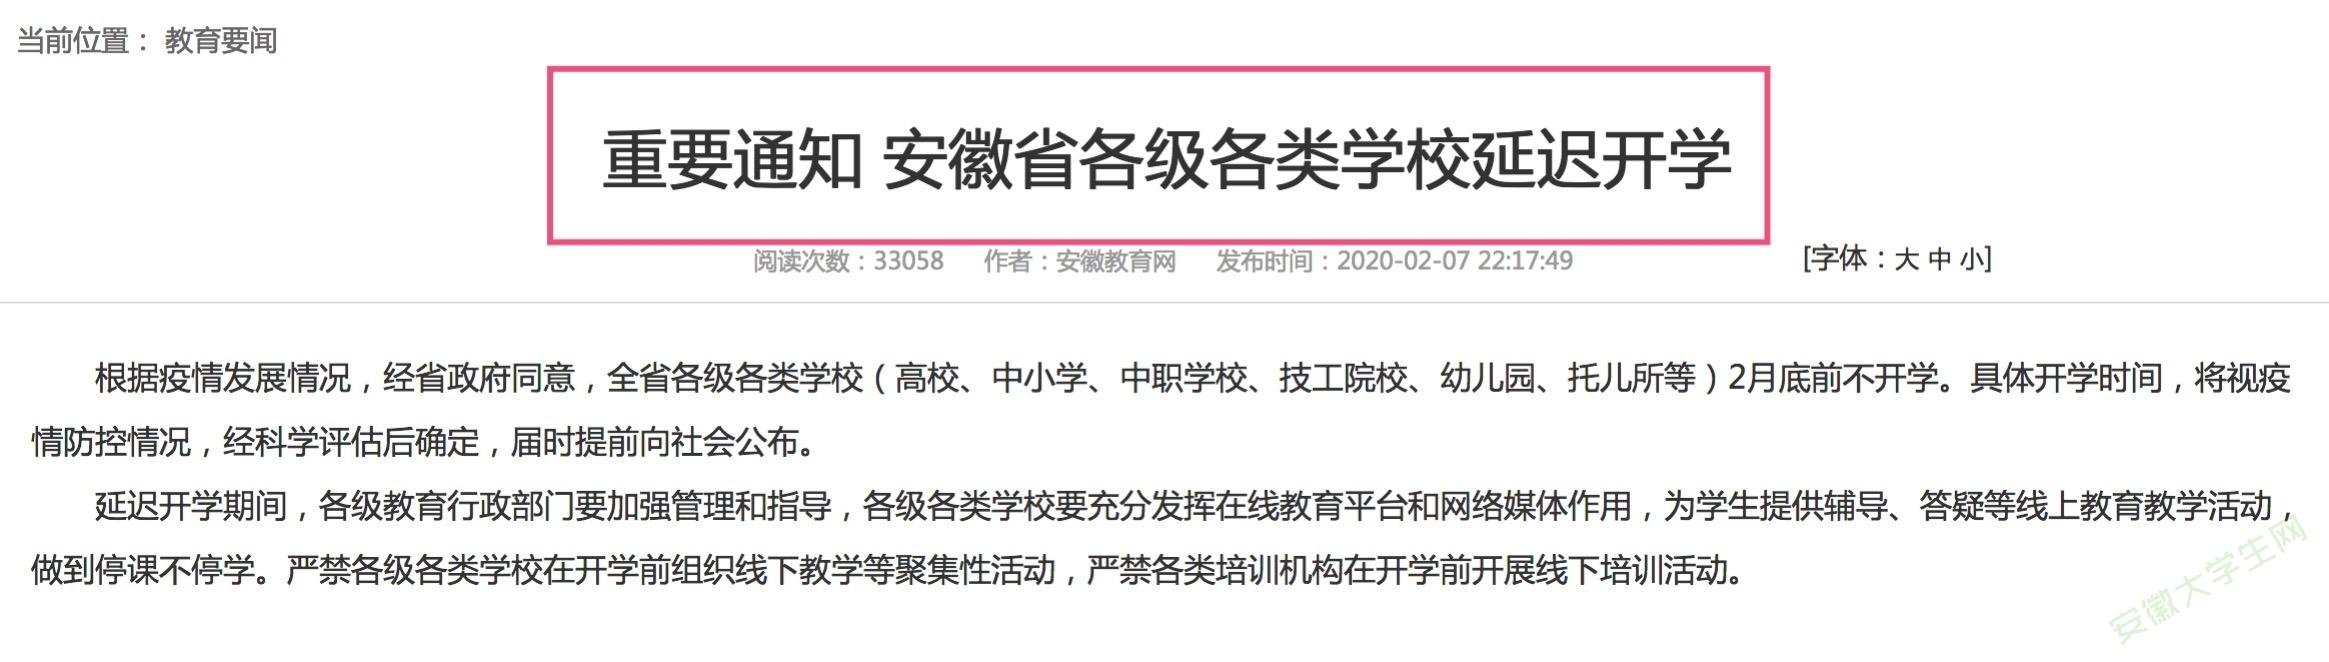 省教育厅重要通知:安徽省各级各类学校延迟开学 2月底前不开学